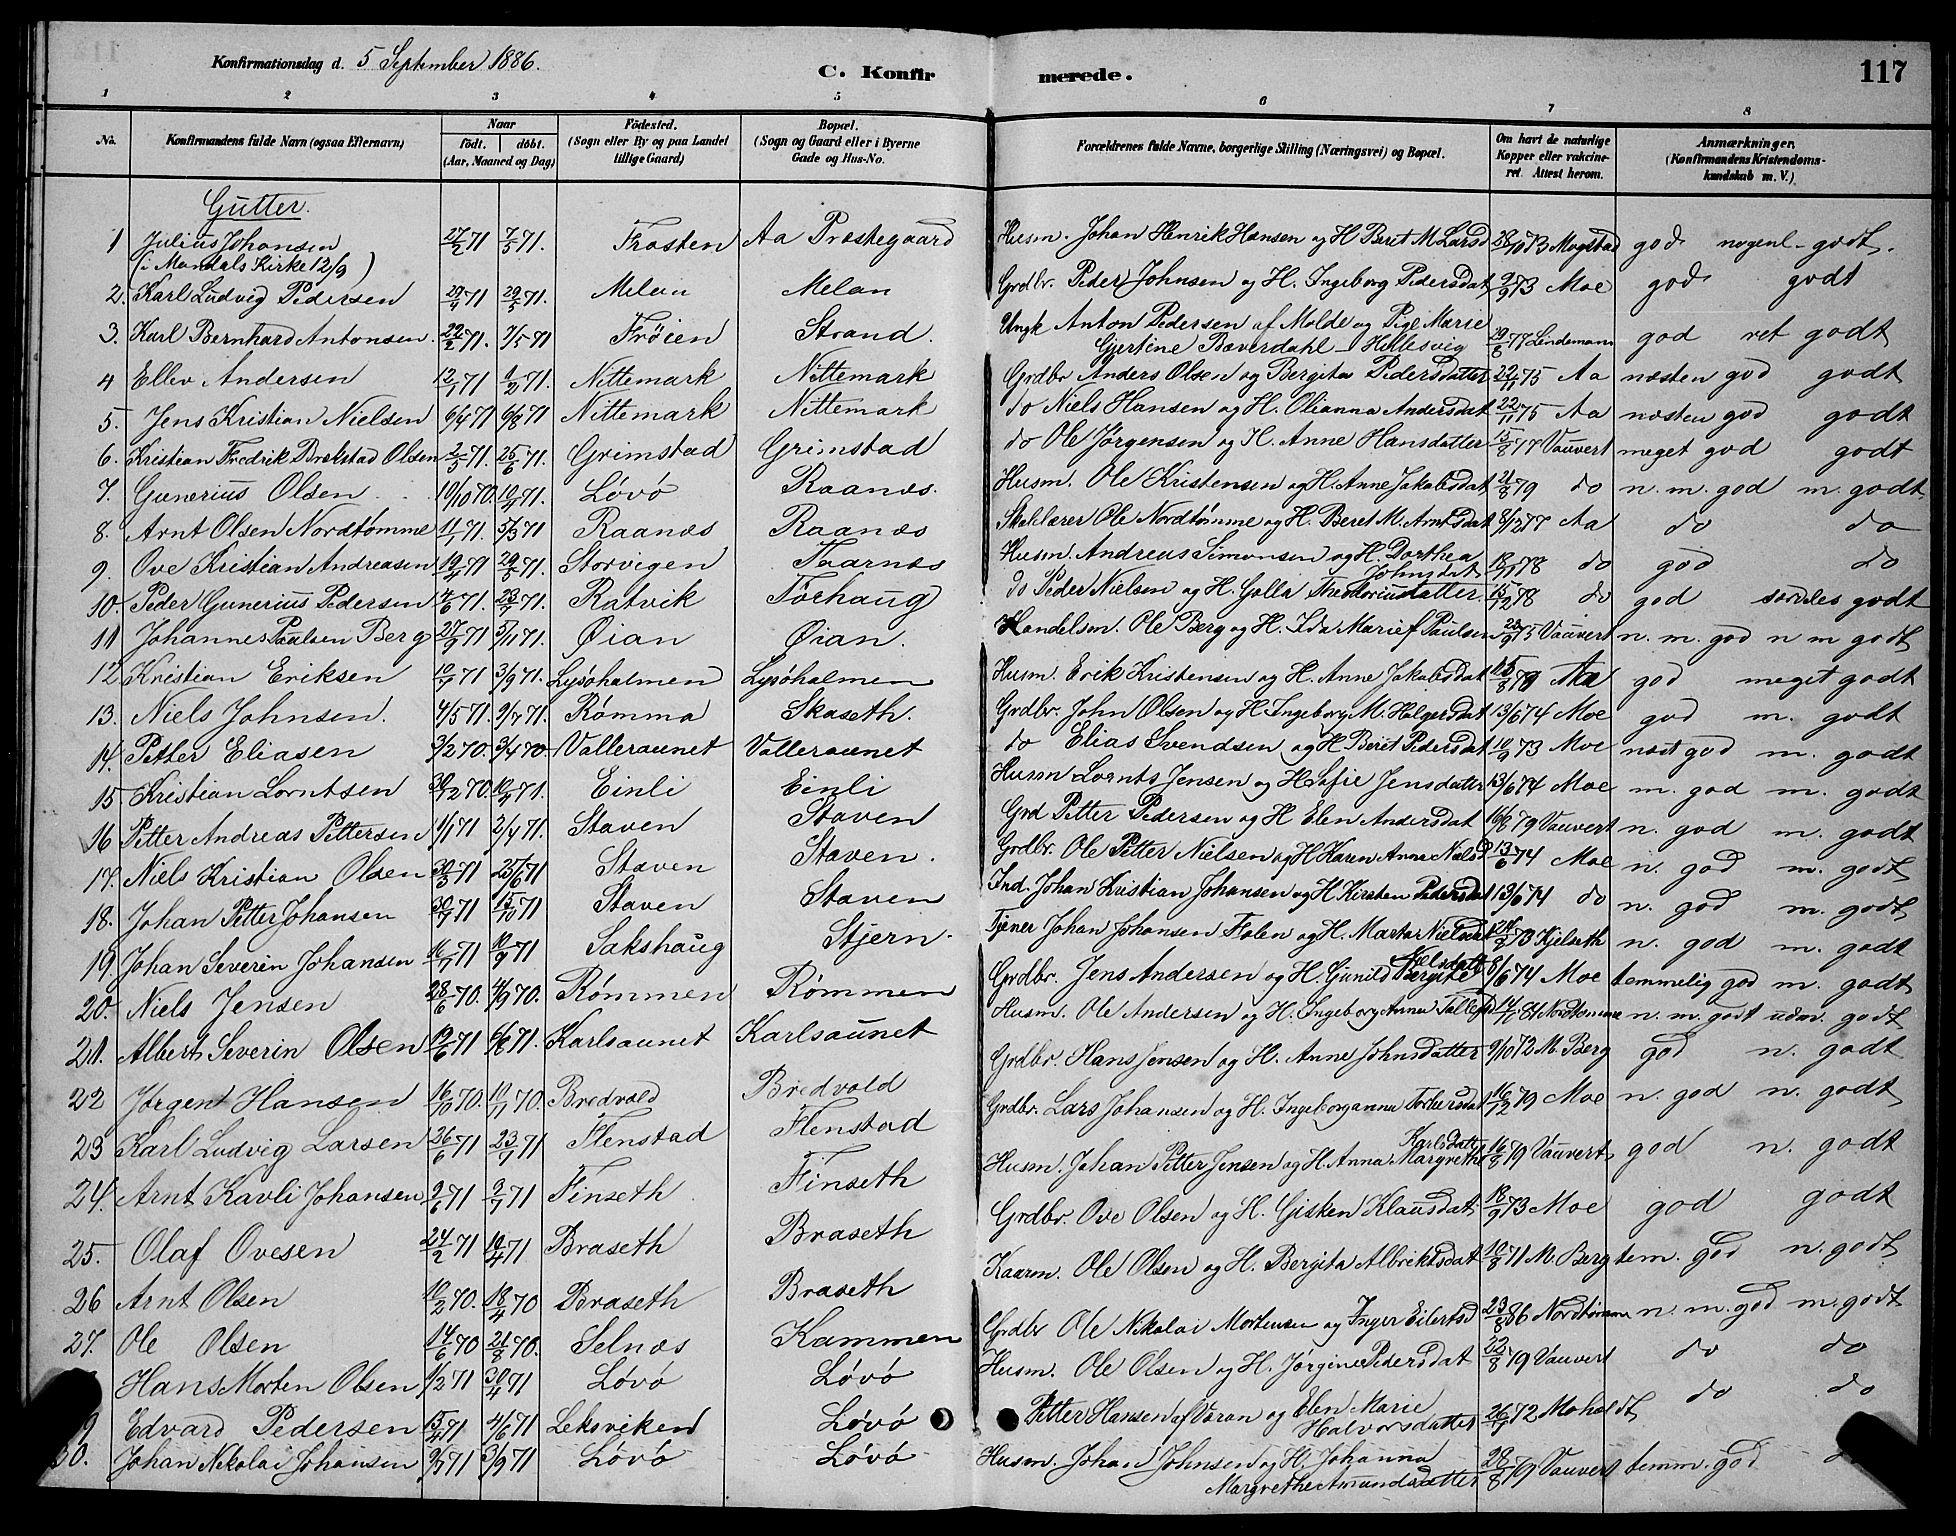 SAT, Ministerialprotokoller, klokkerbøker og fødselsregistre - Sør-Trøndelag, 655/L0687: Klokkerbok nr. 655C03, 1880-1898, s. 117